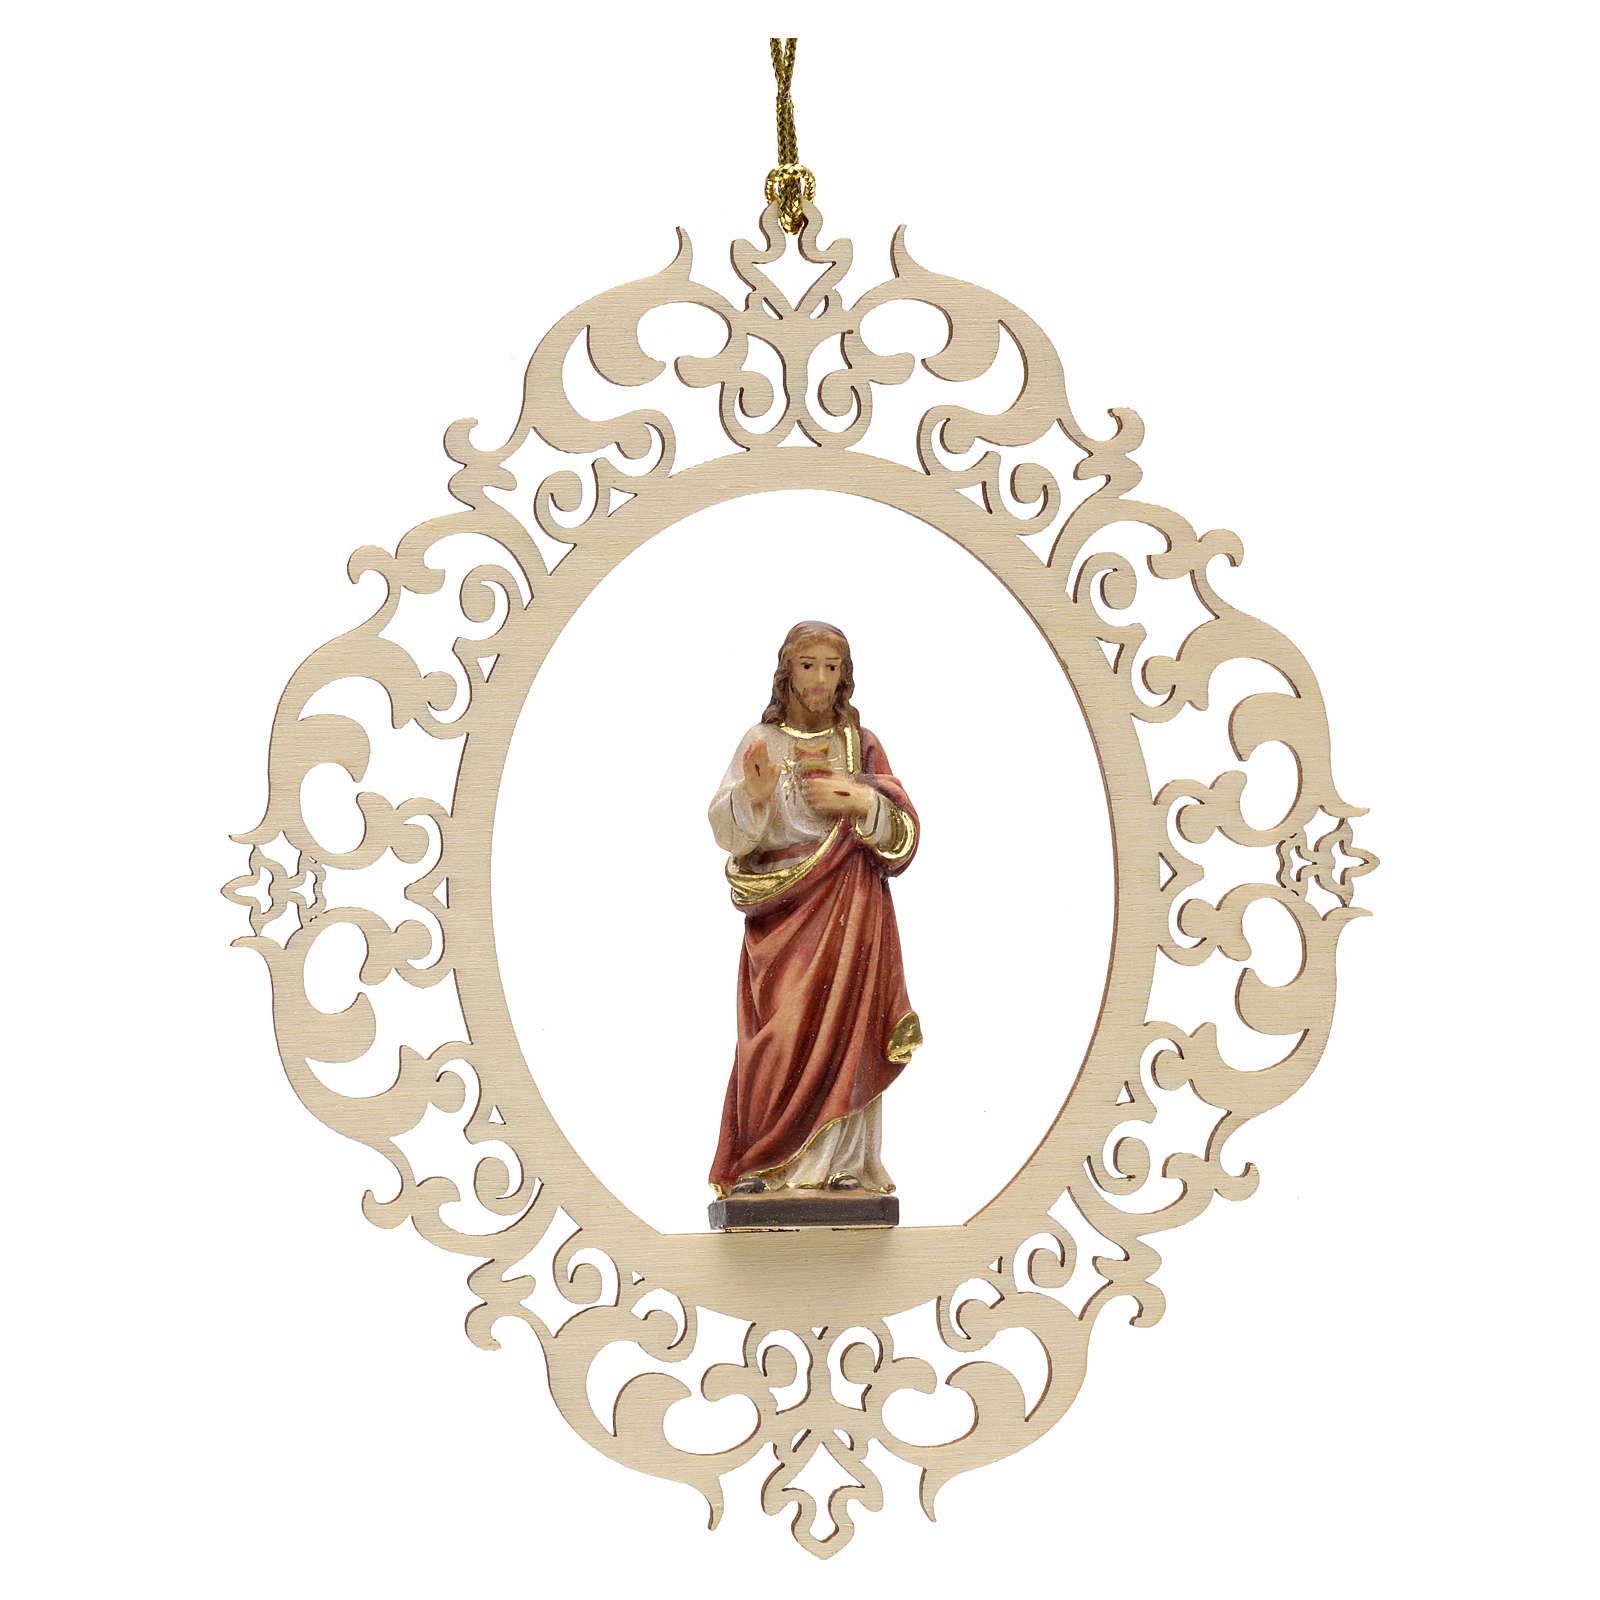 Décoration Noël Sacre coeur de Jésus 4